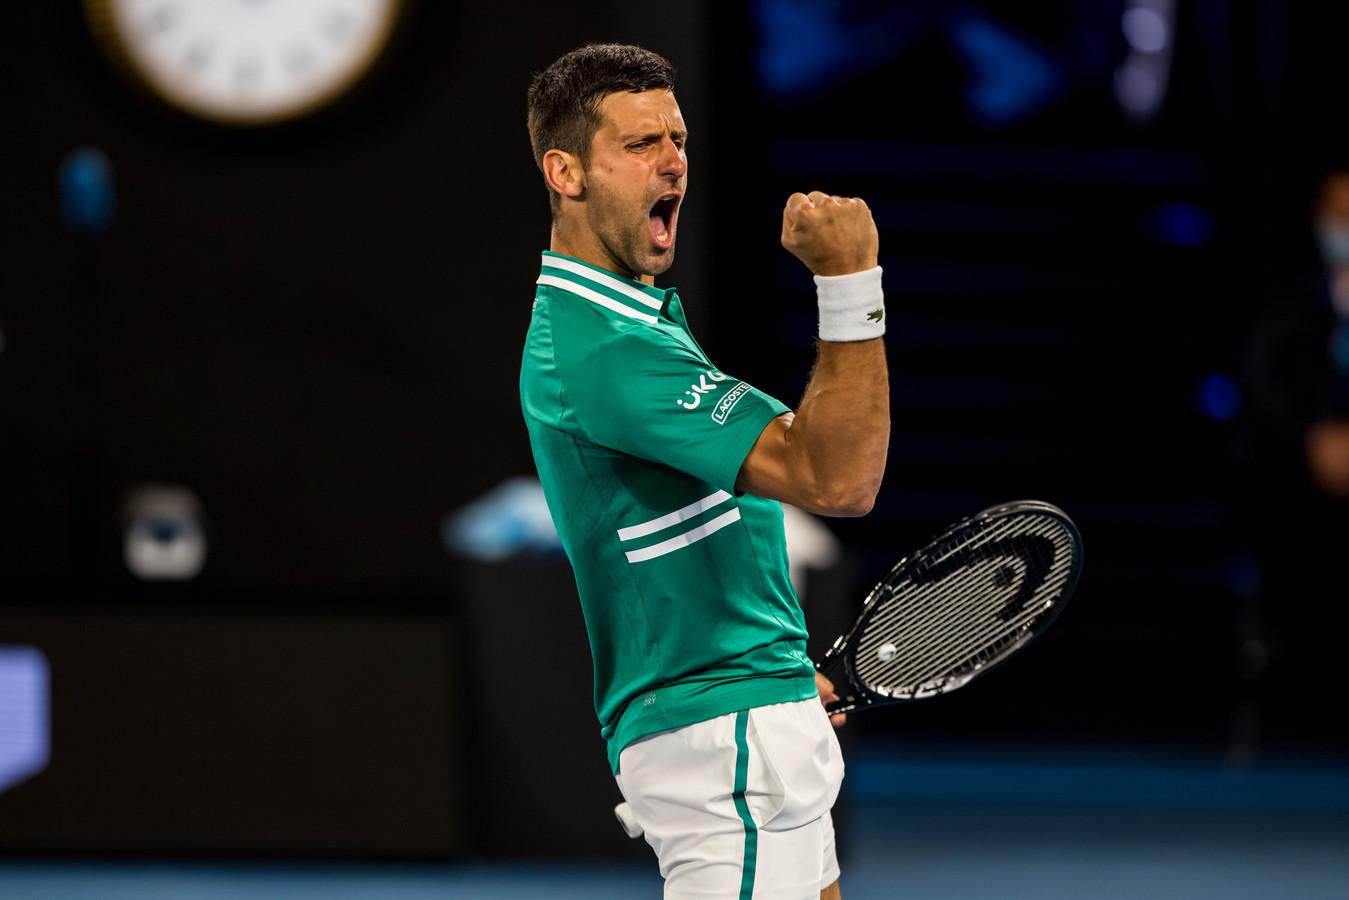 Novak Djokovic effectuera son retour sur les courts à l'occasion du Miami Open, l'ATP Masters 1000 qui se jouera du 24 mars au 4 avril.